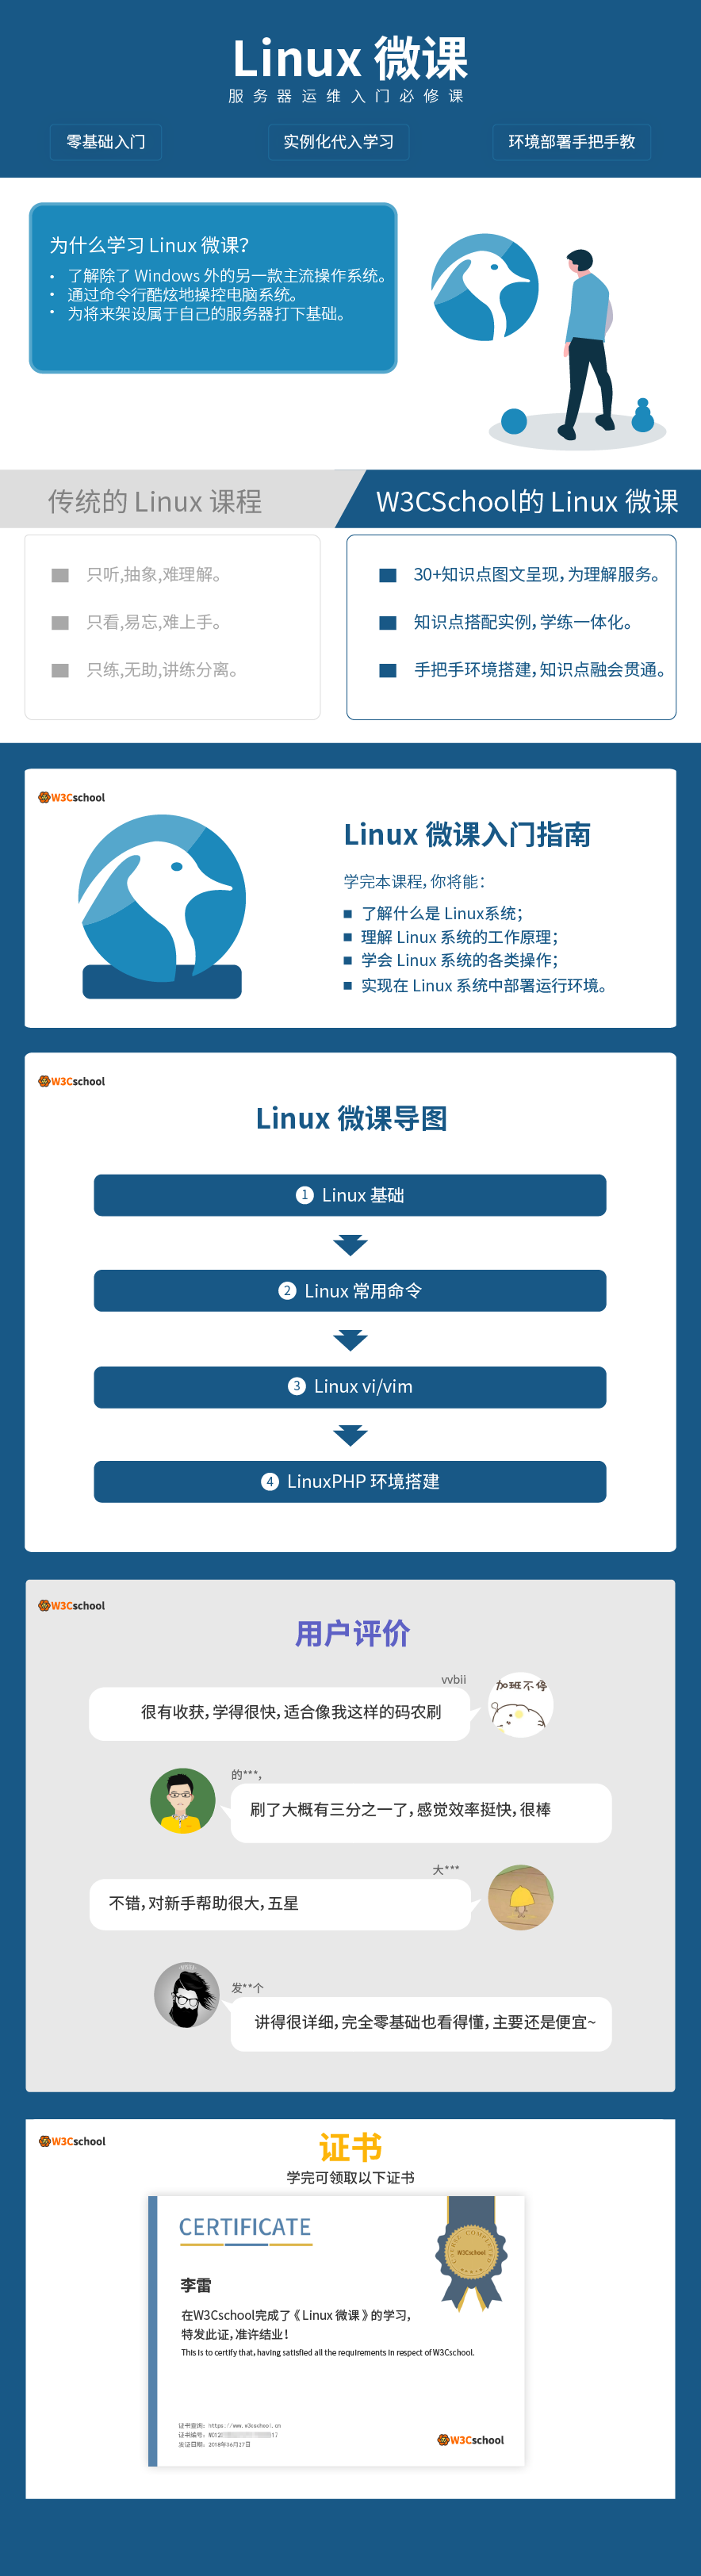 Linux微课_详情页(1)